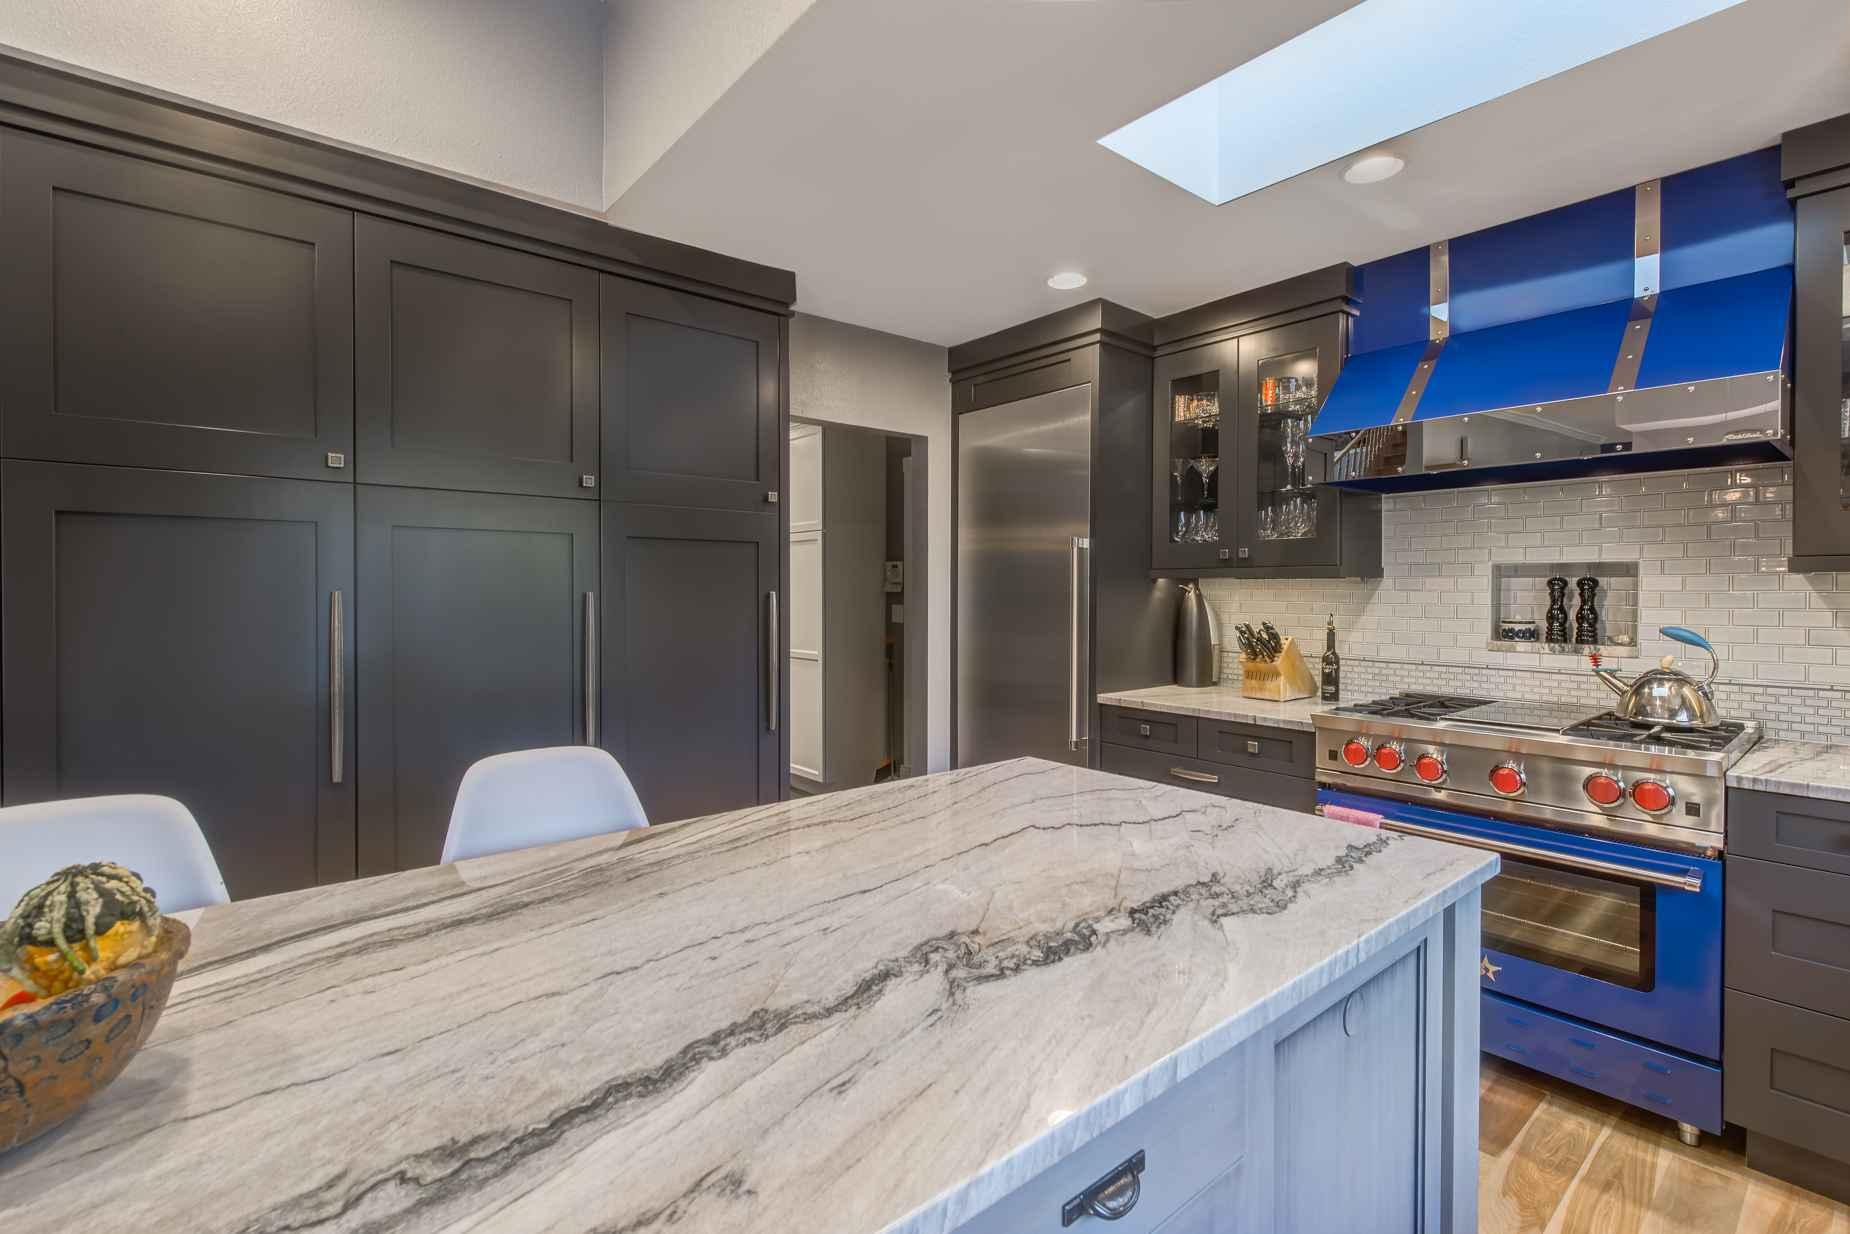 le domaine de chef — sanctuary kitchen and bath design-6.jpg